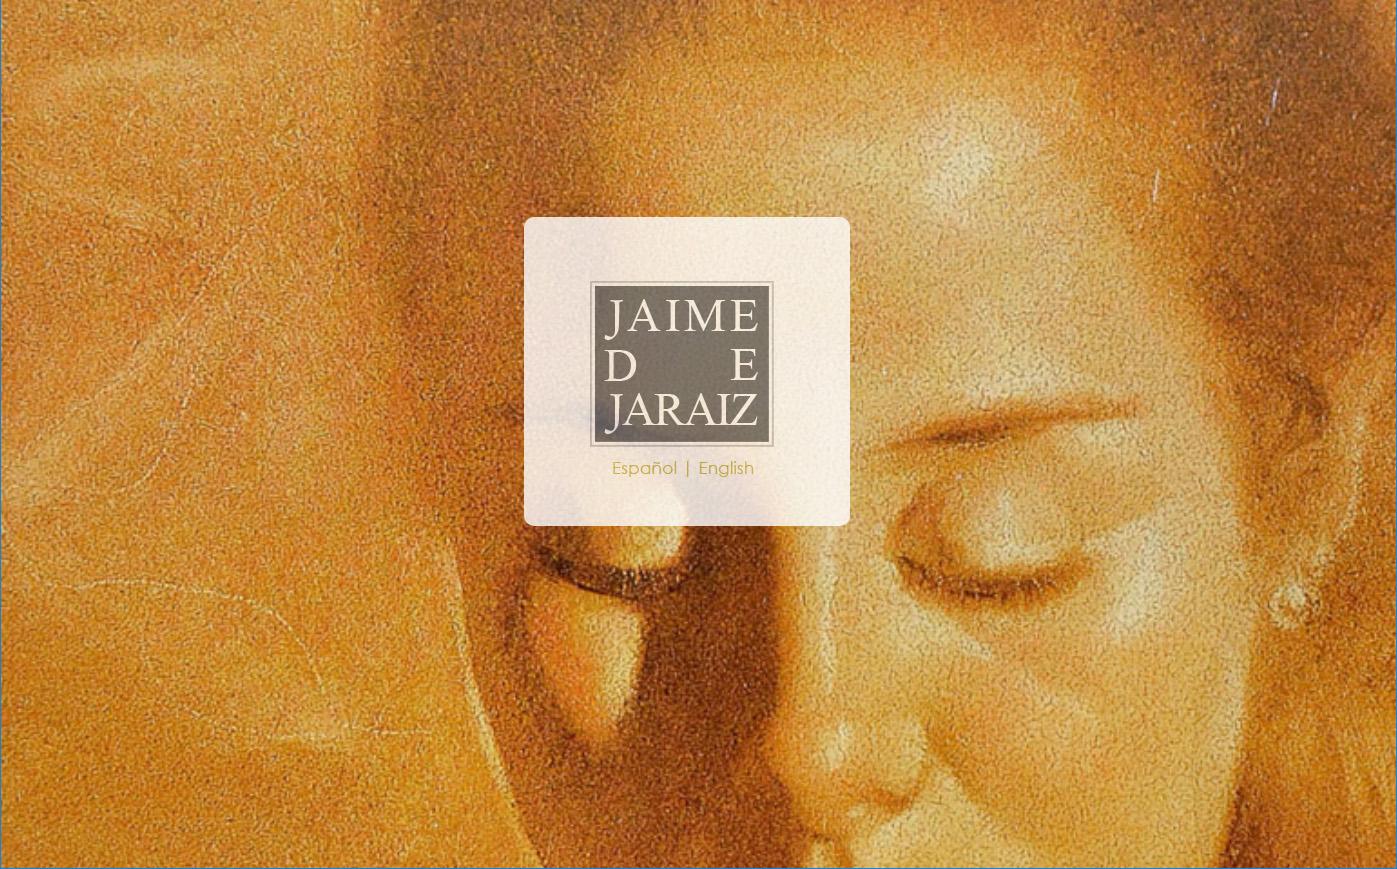 Jaime de Jaraiz